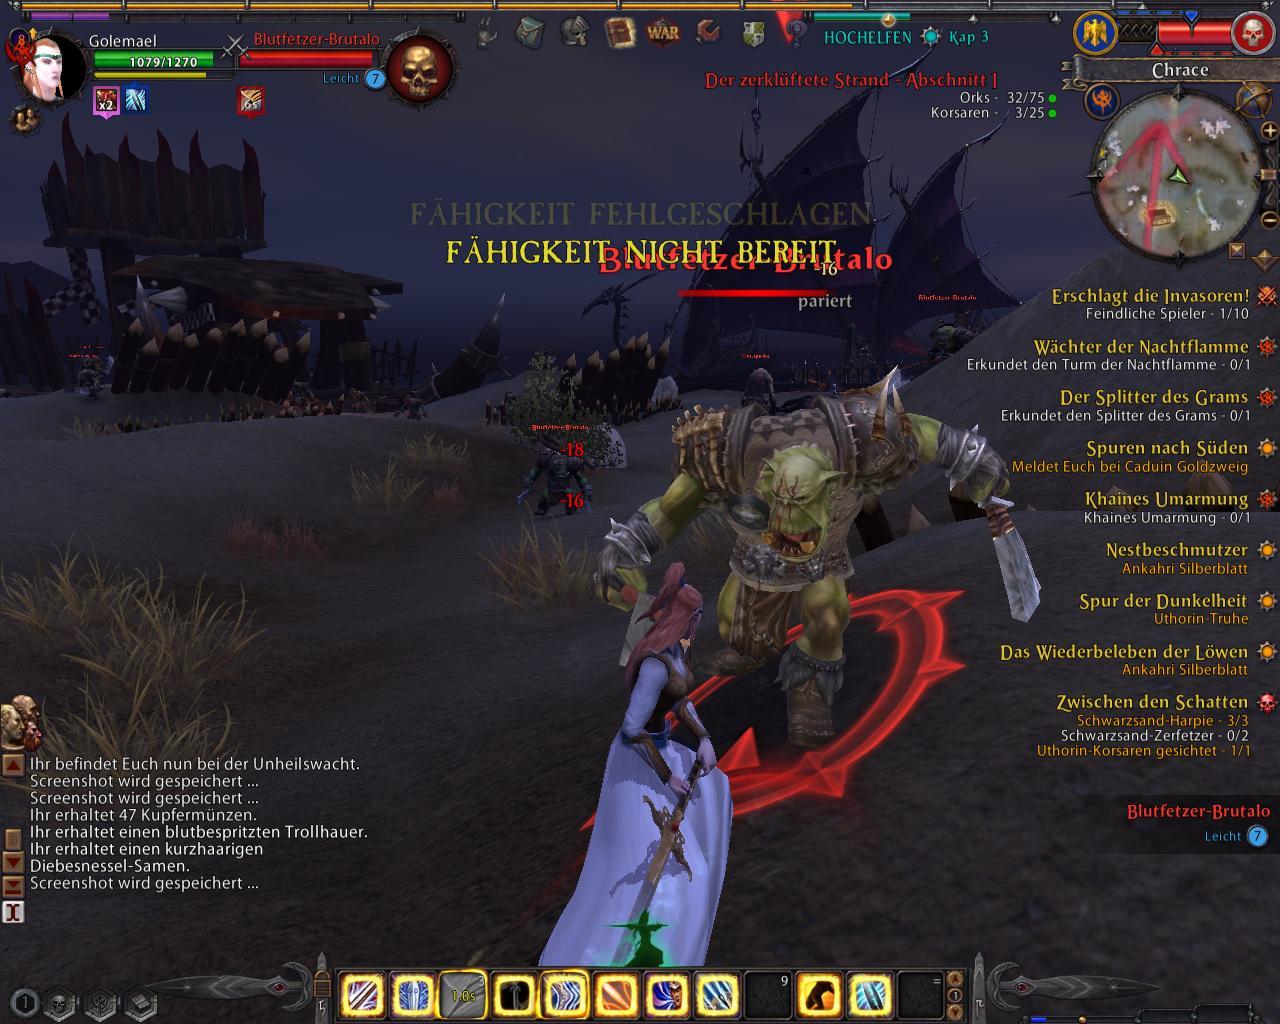 Warhammer Online: Bestechungsversuche durch Goldverkäufer - Warhammer Online